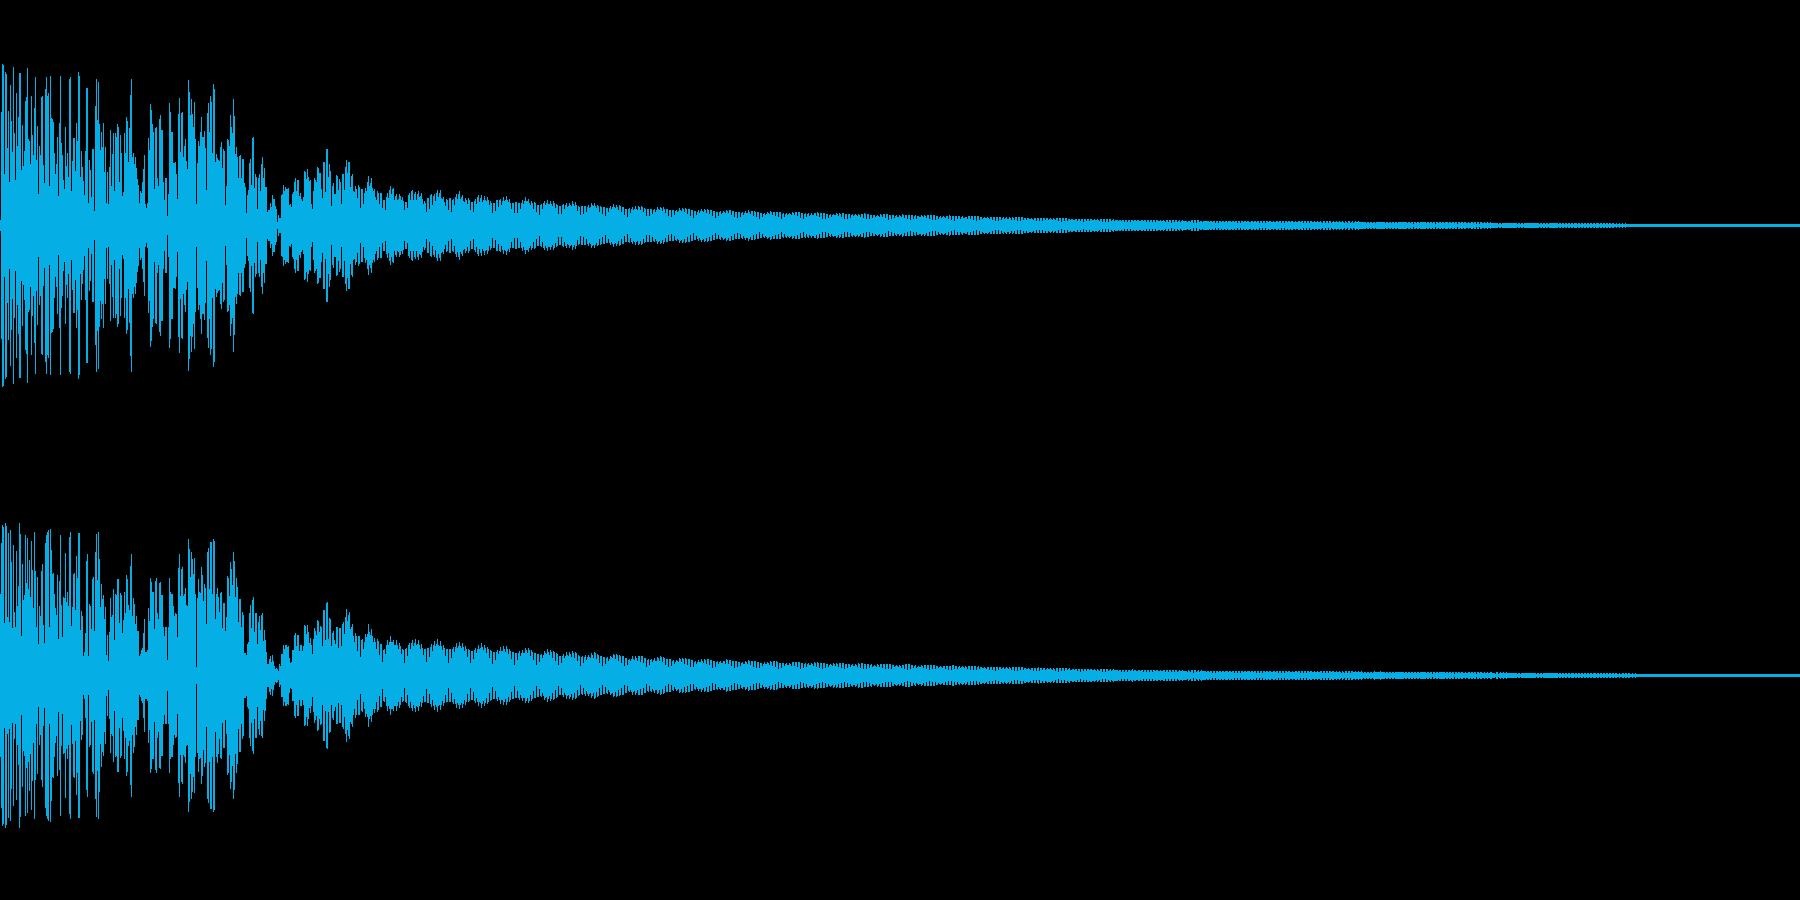 和太鼓でドン(生演奏)の再生済みの波形